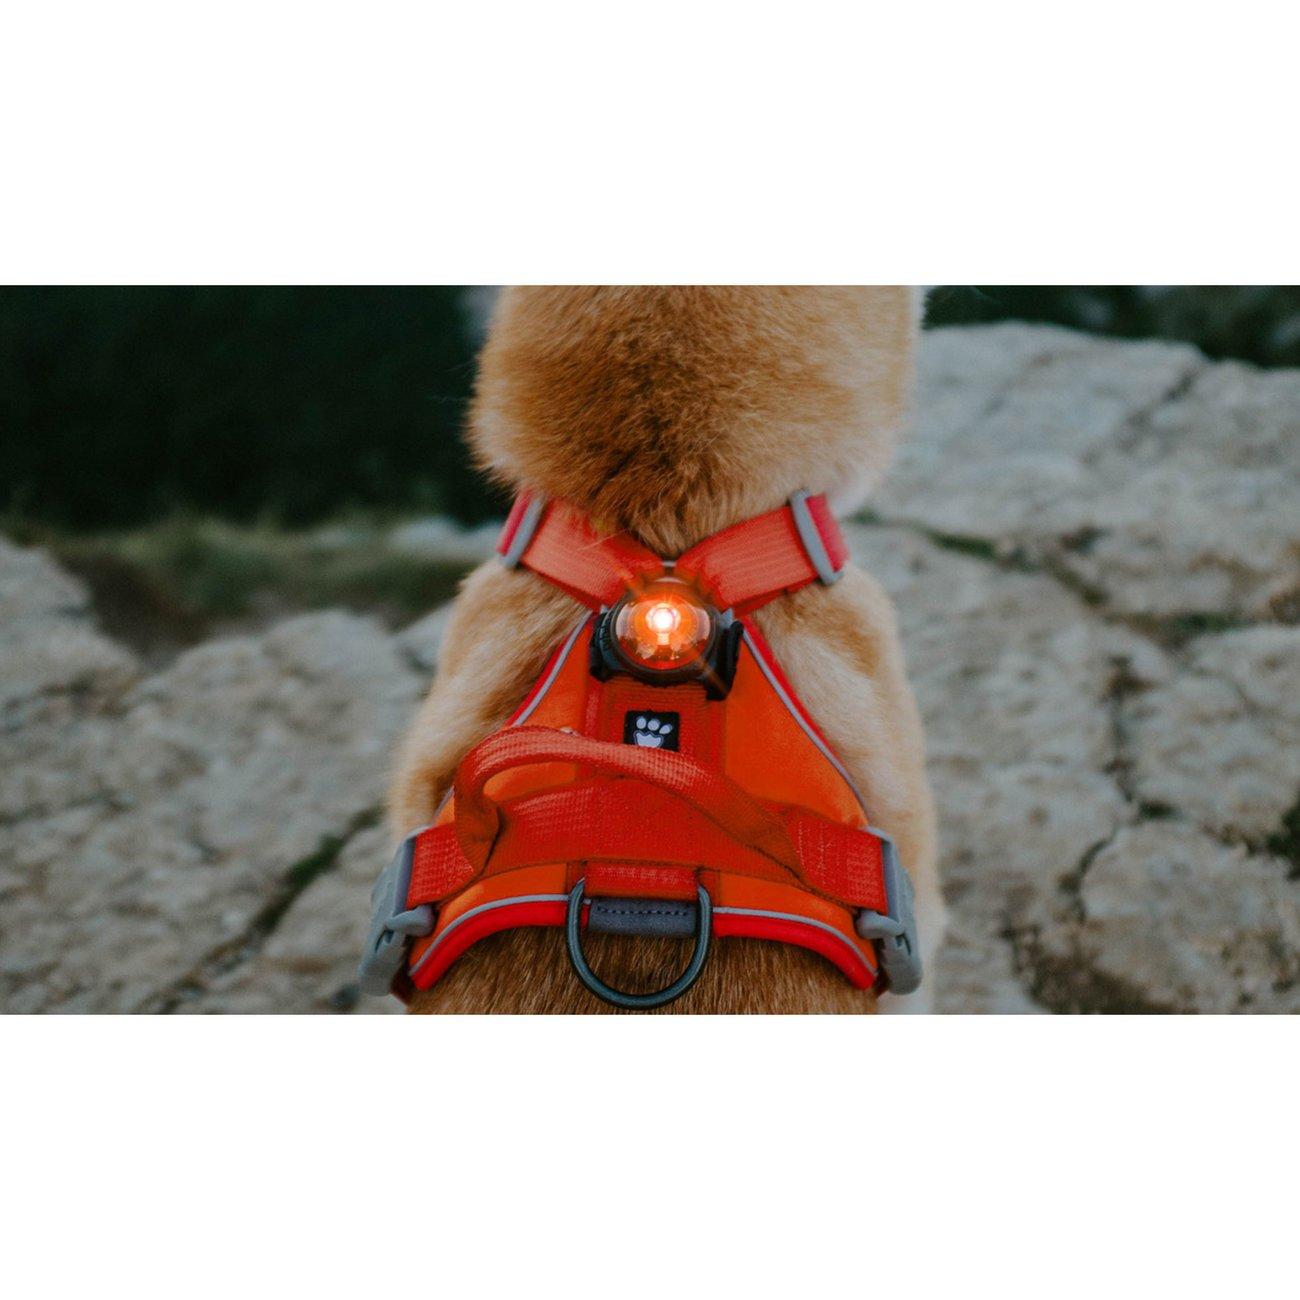 Orbiloc AMBER Safety Pack Sparset, Bild 4